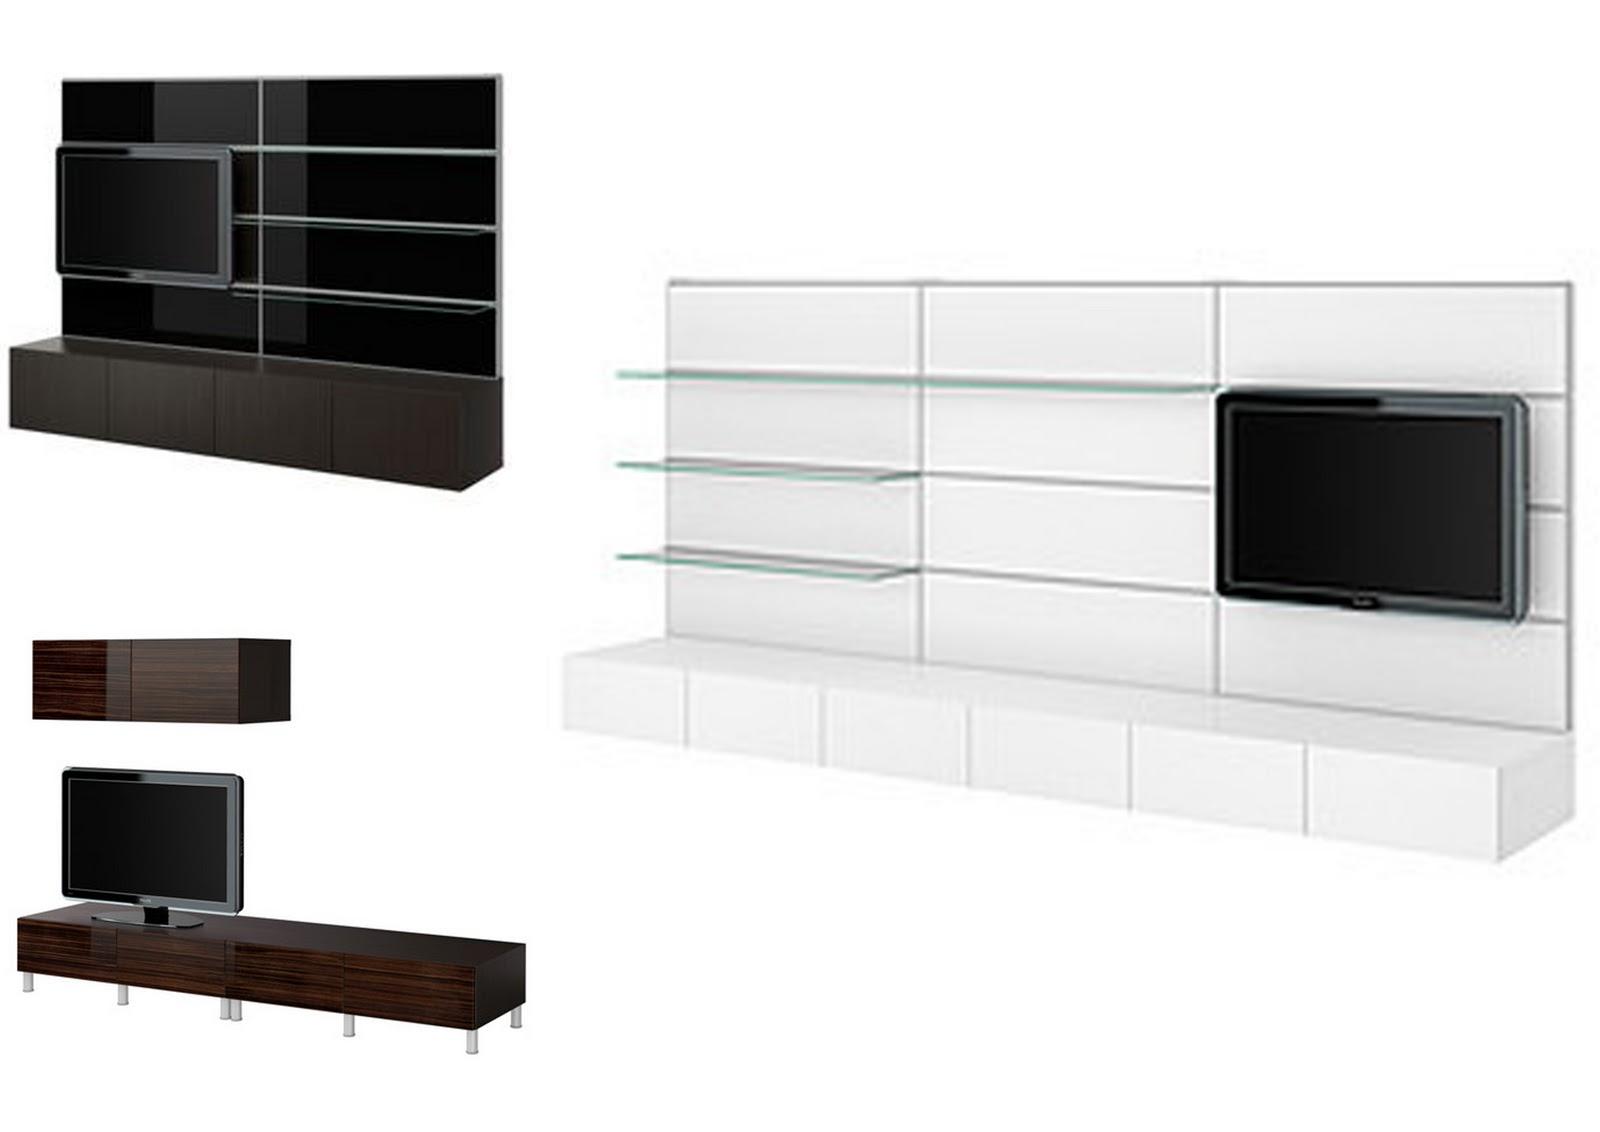 Pensili Per Soggiorno Ikea : Pensili Per Soggiorno Ikea: Mobili Per  #56756B 1600 1132 Dividere Cucina E Sala Da Pranzo